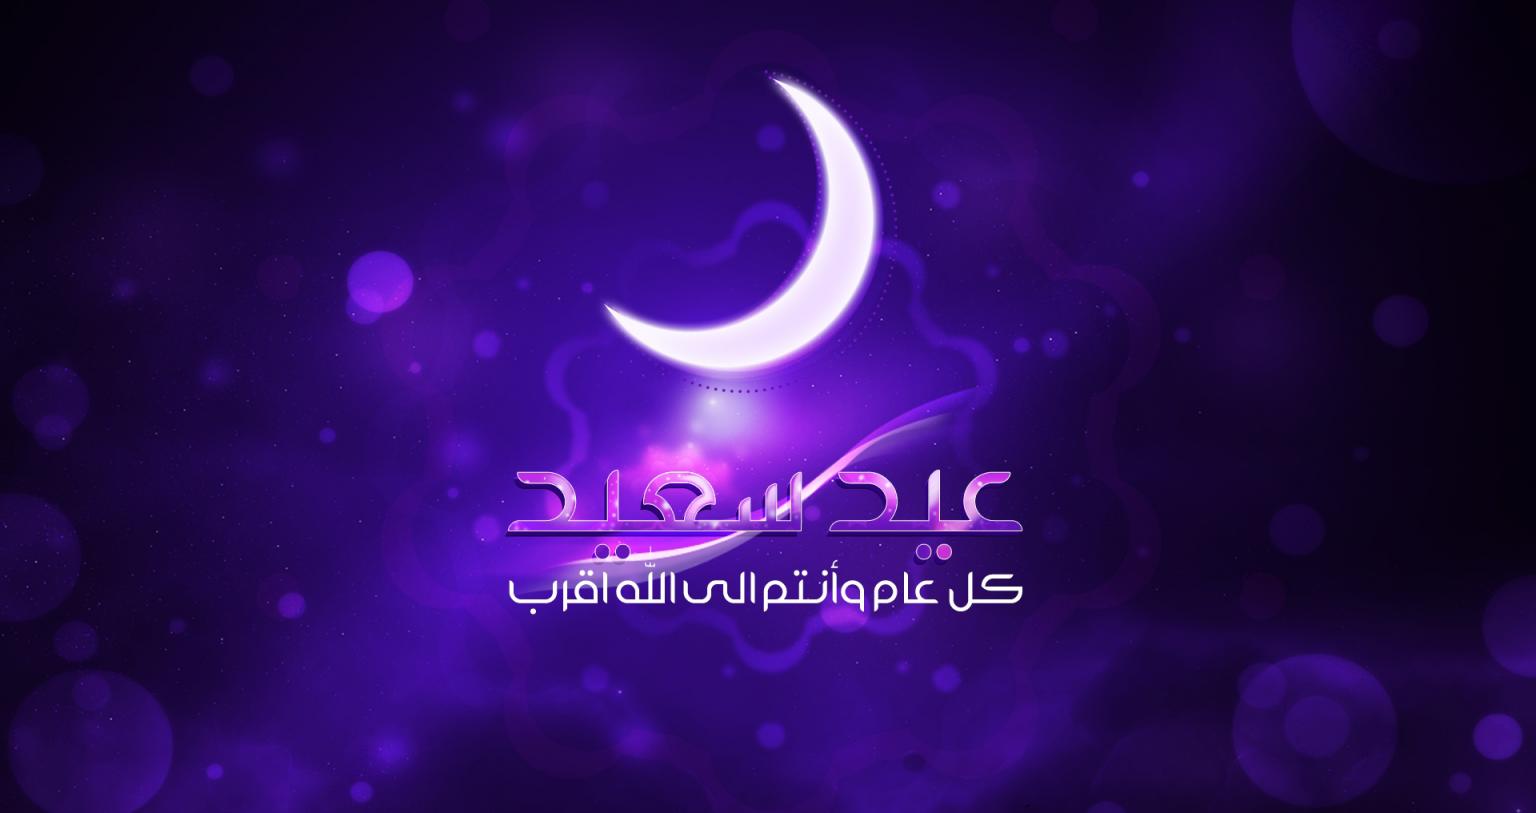 عاجل.. دار الإفتاء تعلن رسمياً أول أيام عيد الفطر 2021 والسعودية تعلن الخميس أول أيام العيد 3